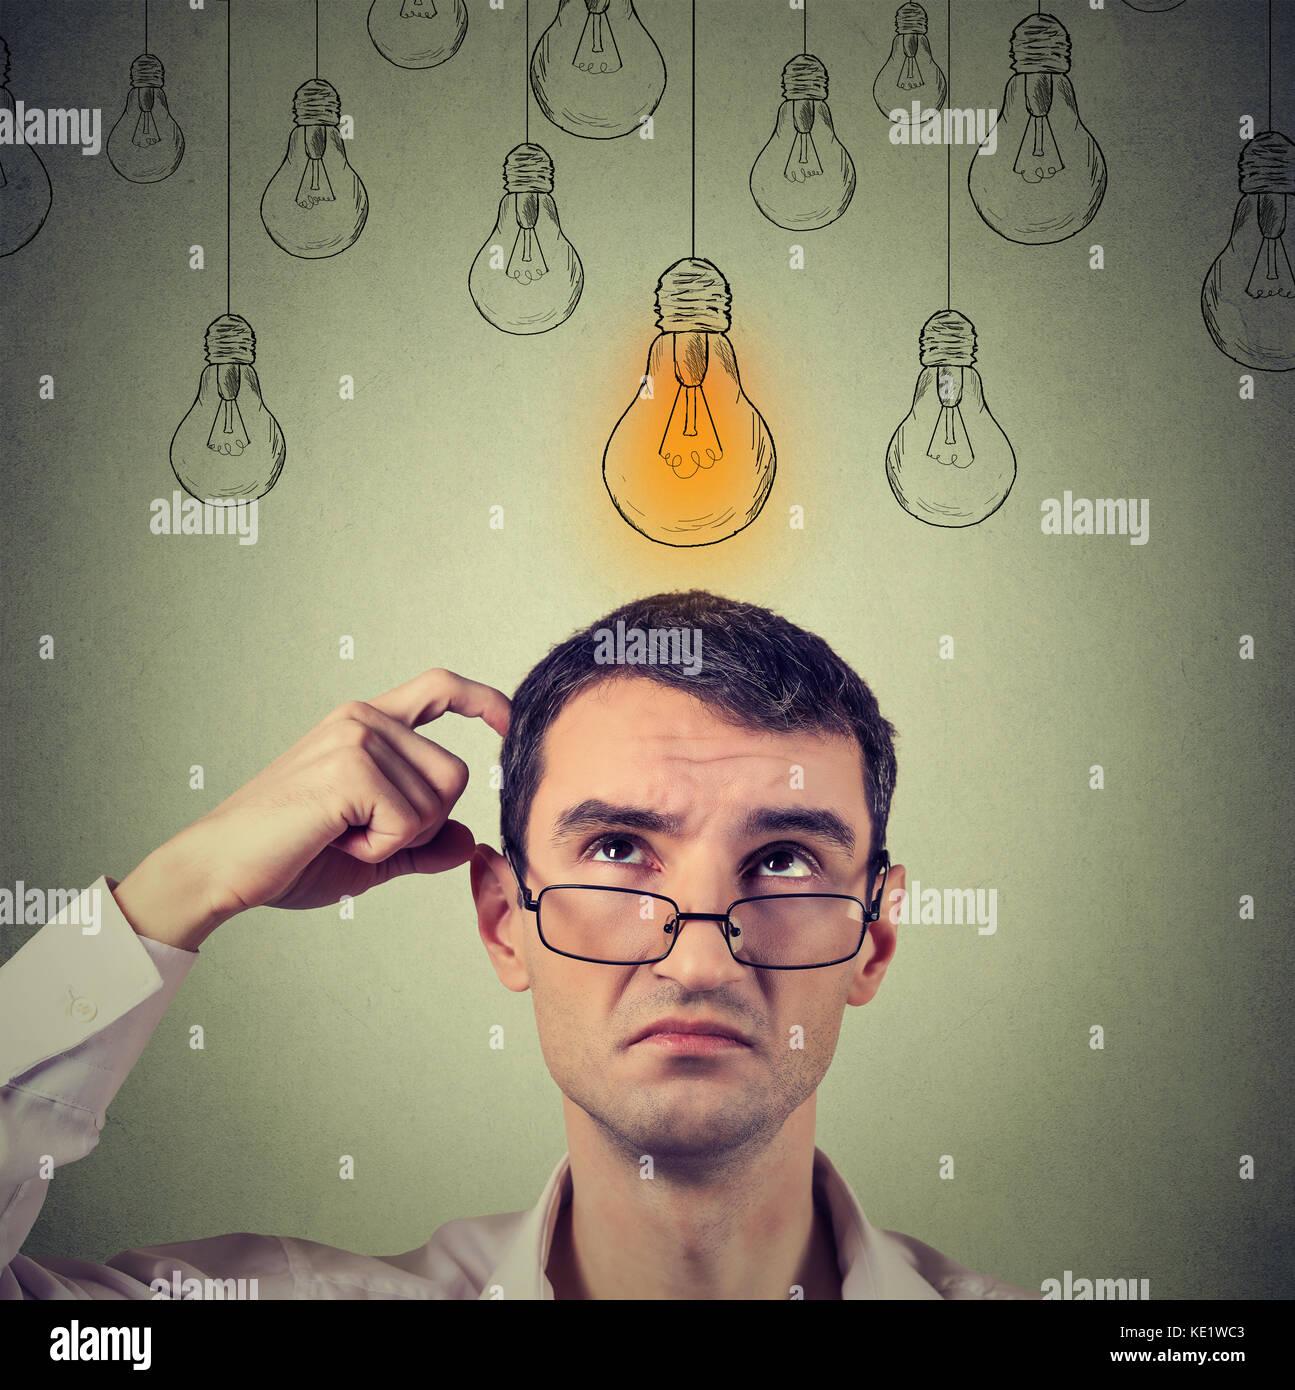 Ritratto di pensare l'uomo in bicchieri cercando con luce idea lampadina sopra la testa isolata sul muro grigio Immagini Stock